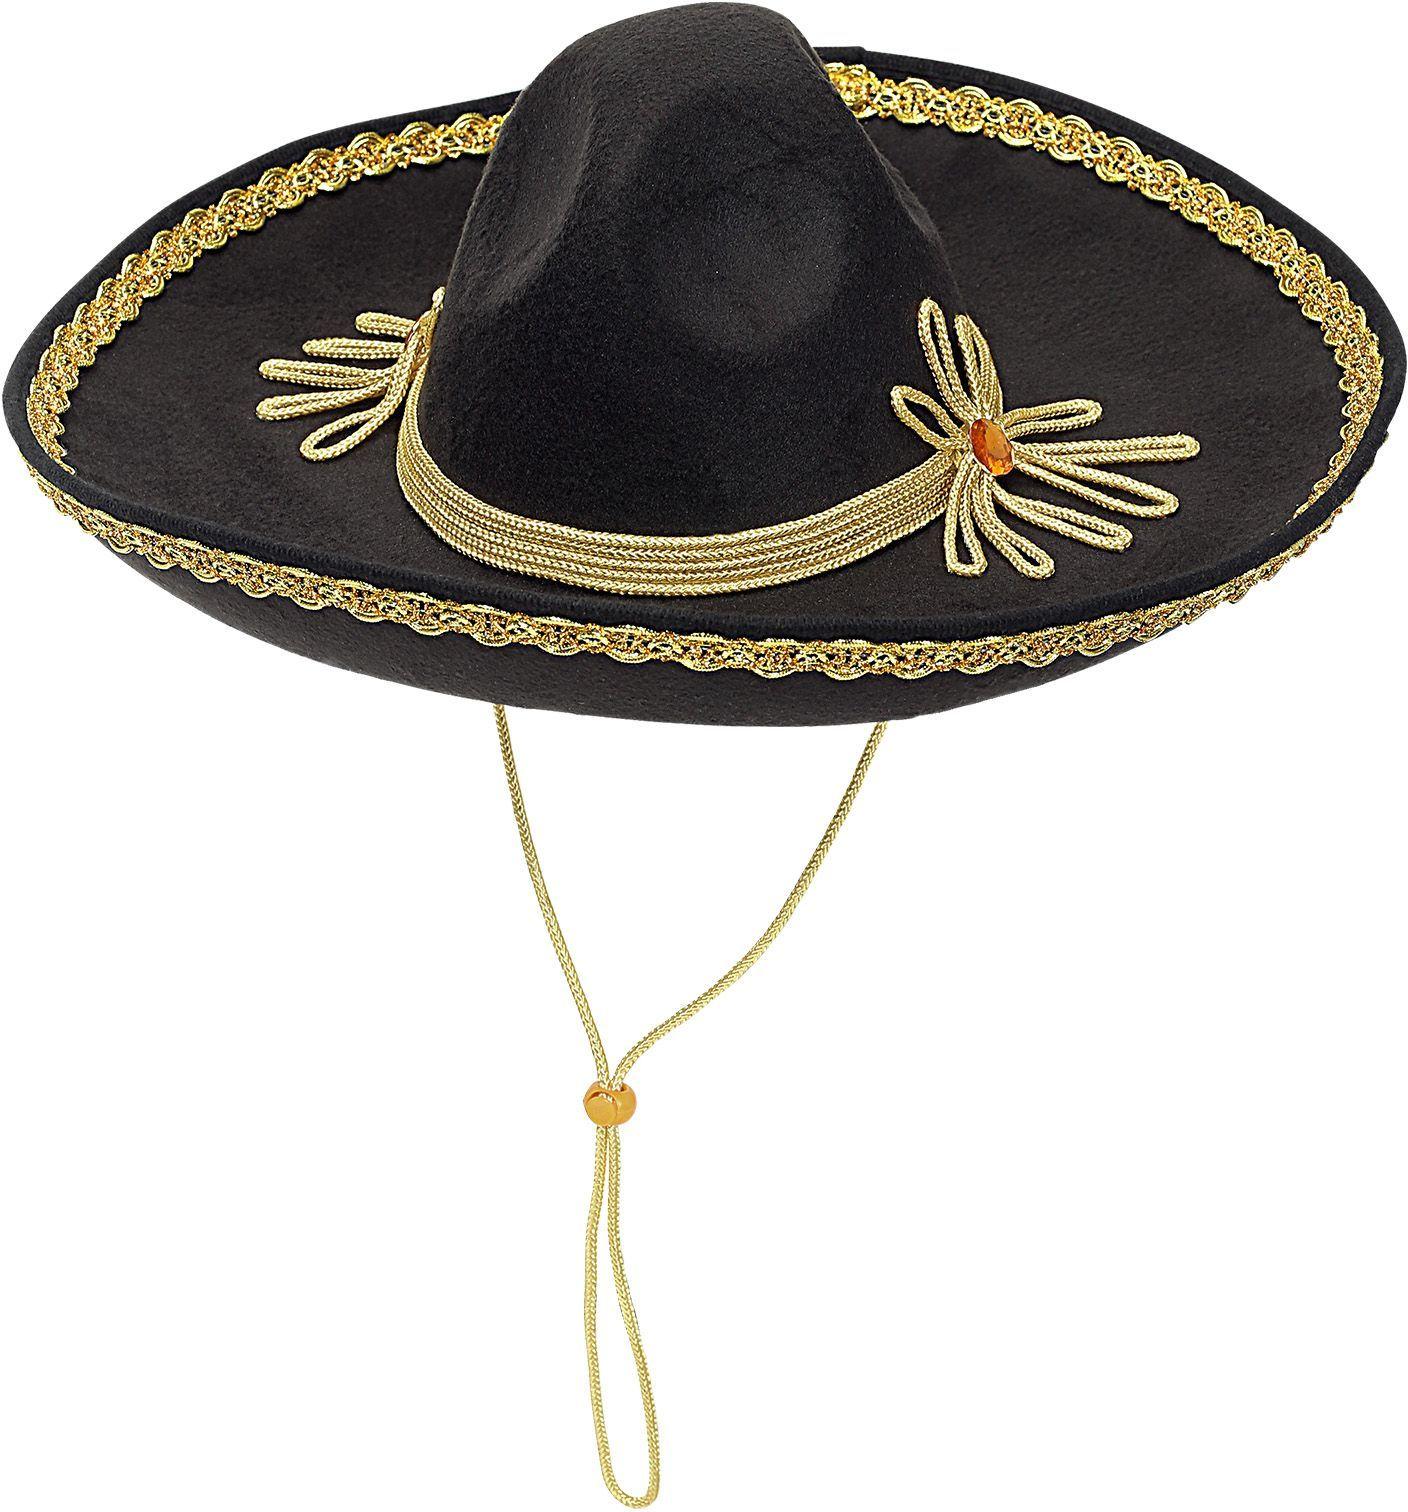 Zwarte sombrero Mexico